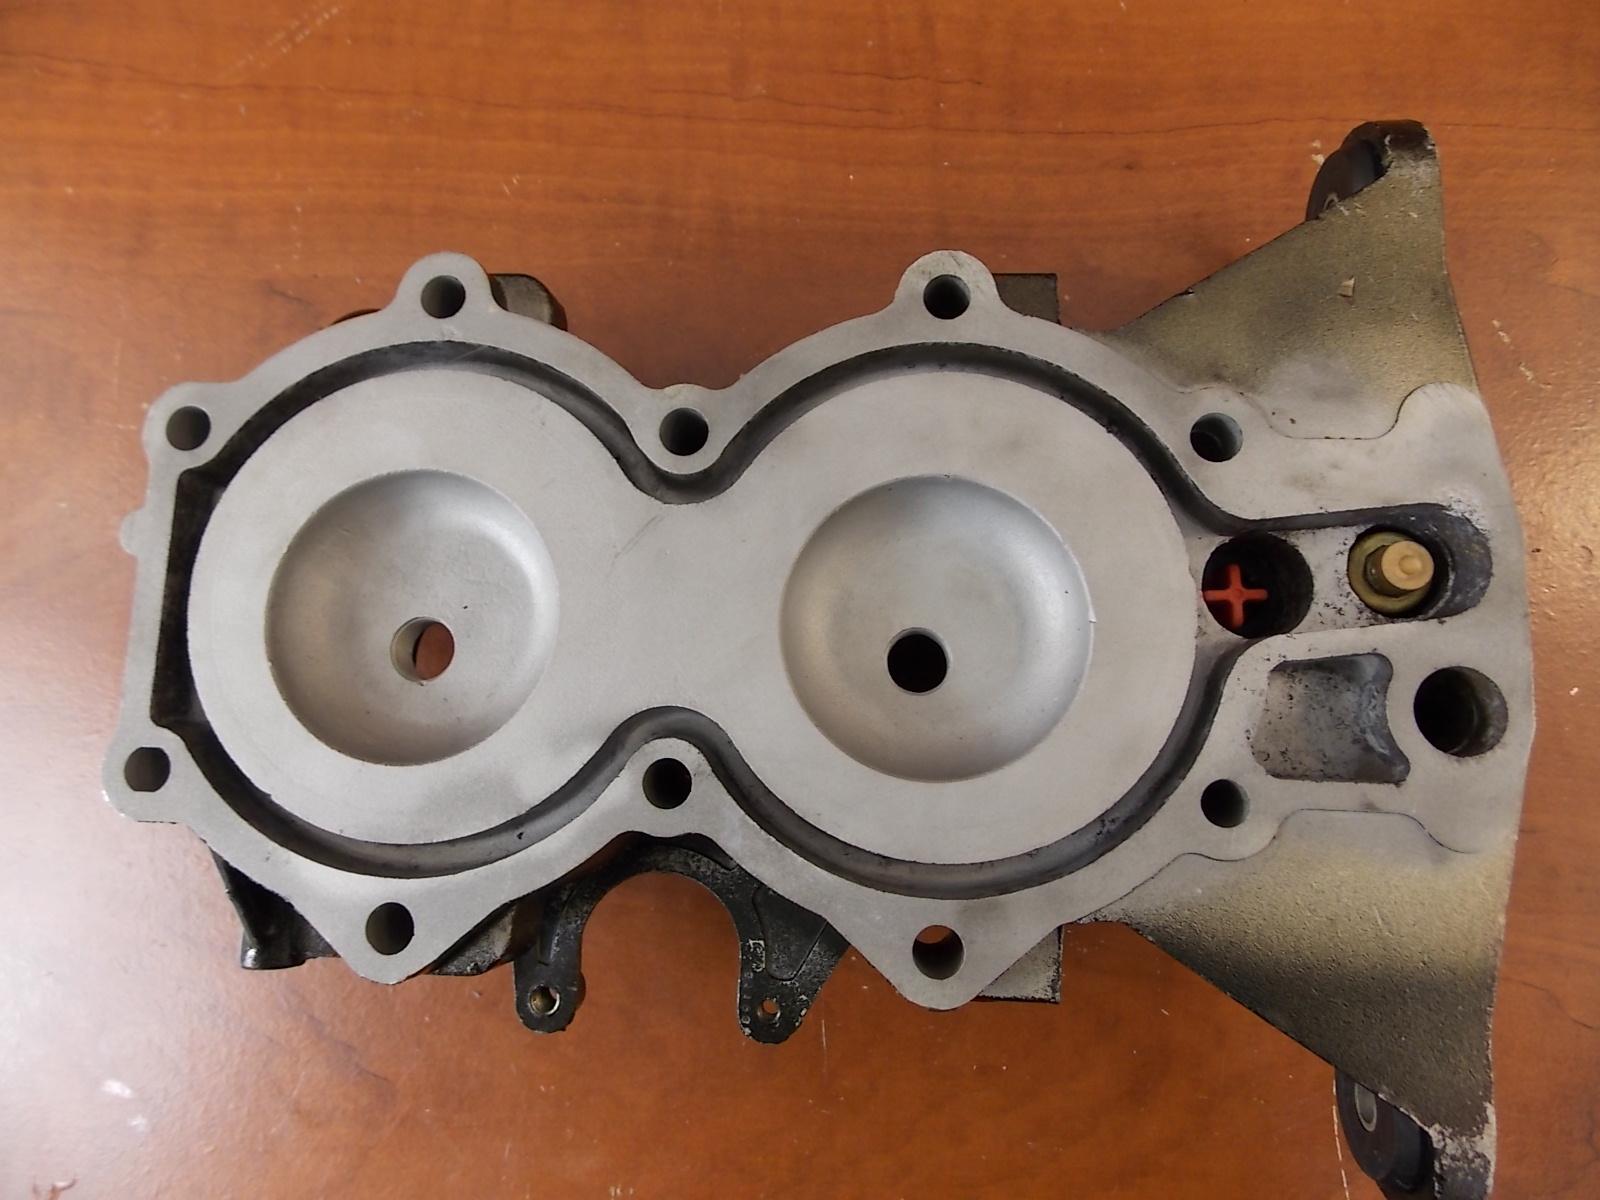 60 Hp Mercury Motor Wiring Diagram Additionally Mercury Outboard Key